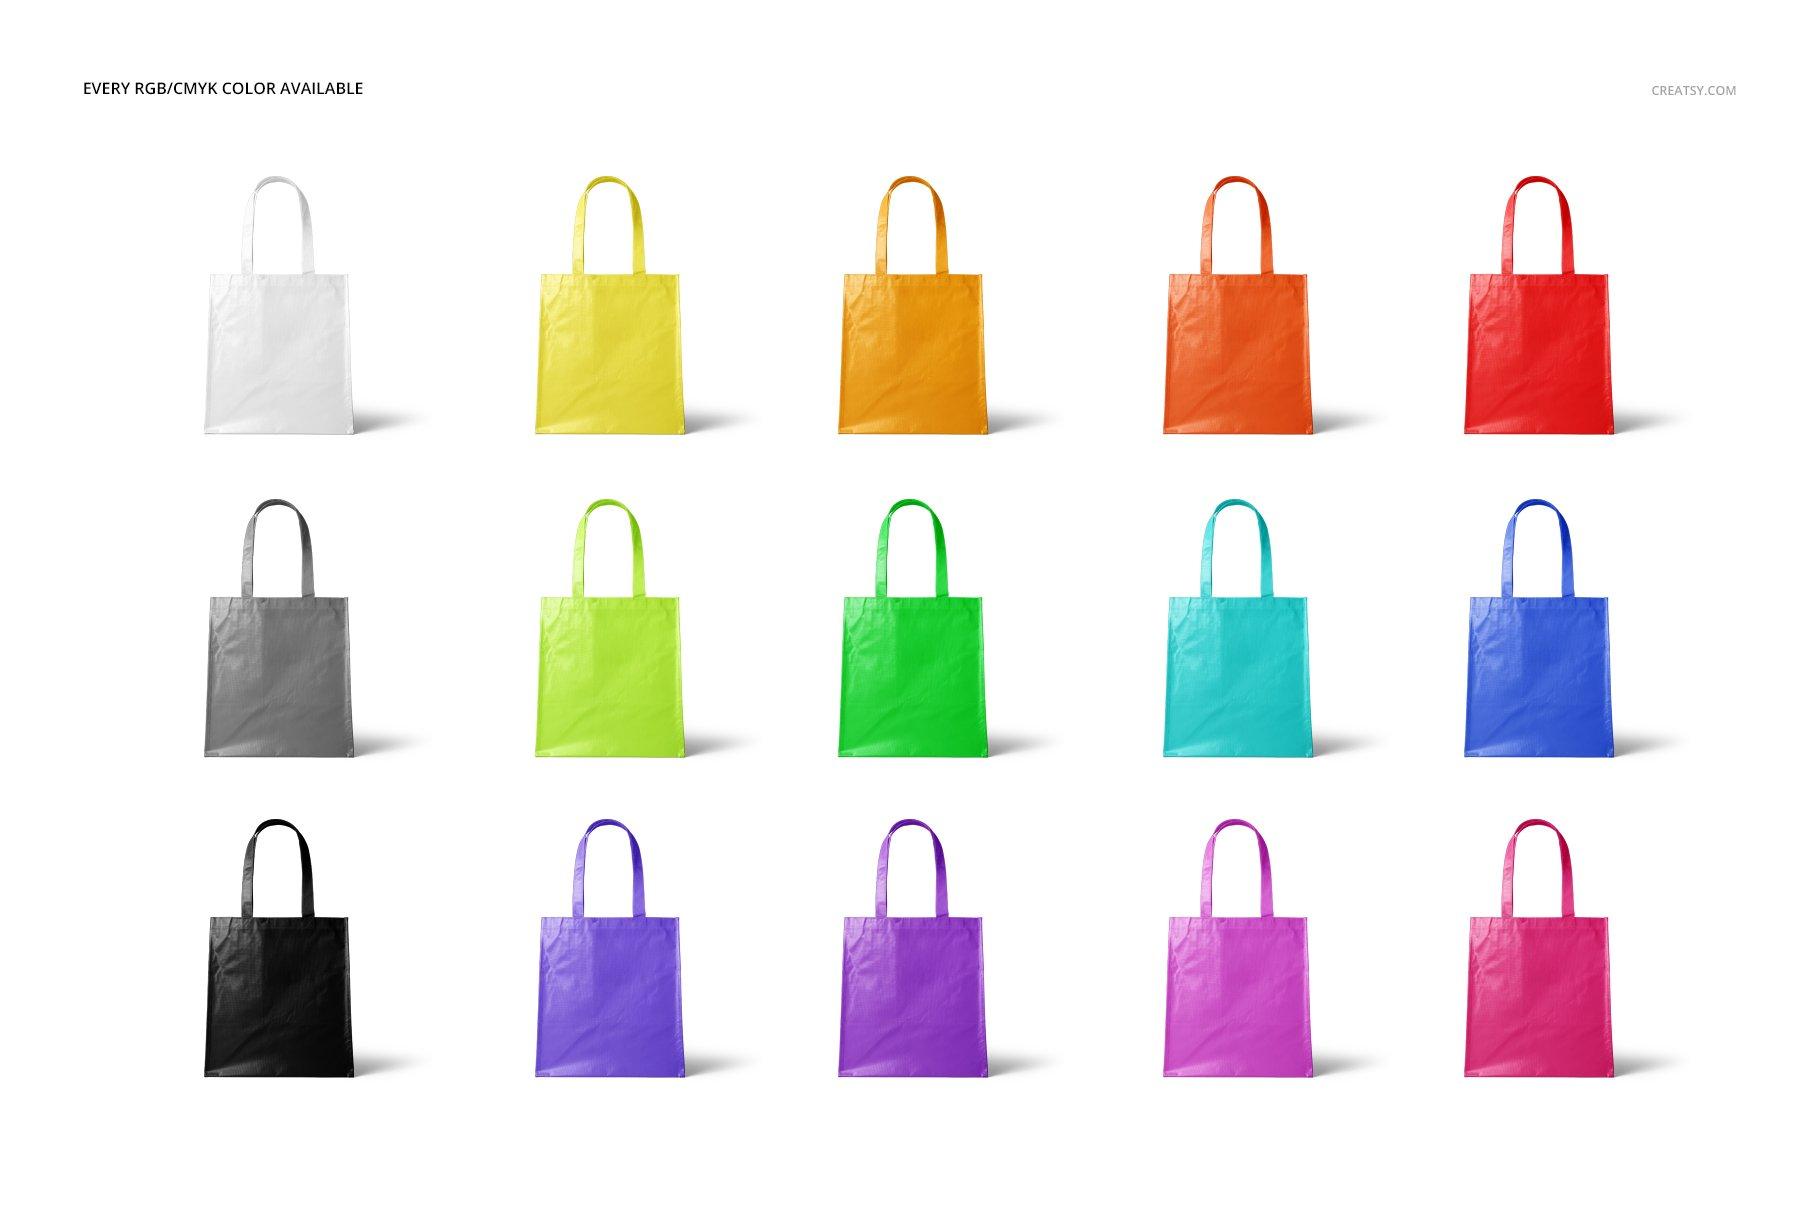 层压无纺布购物手提袋设计贴图样机模板套装 Laminated Non-Woven Bag Mockups 03插图(2)